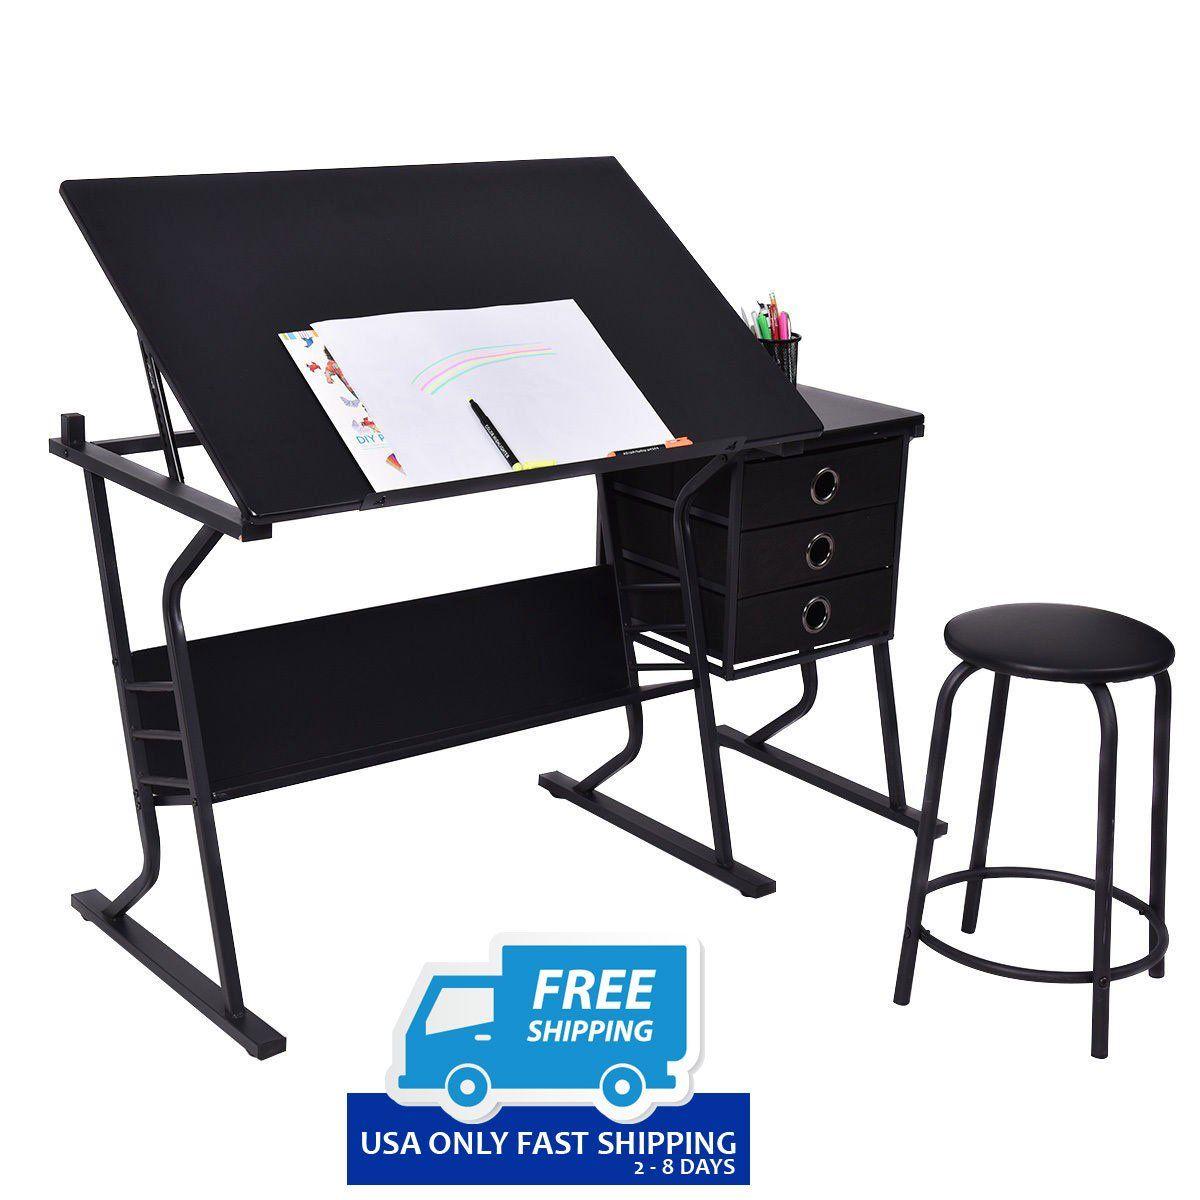 Black Adjustable Drafting Table W/ Stool U0026 Side Drawers!